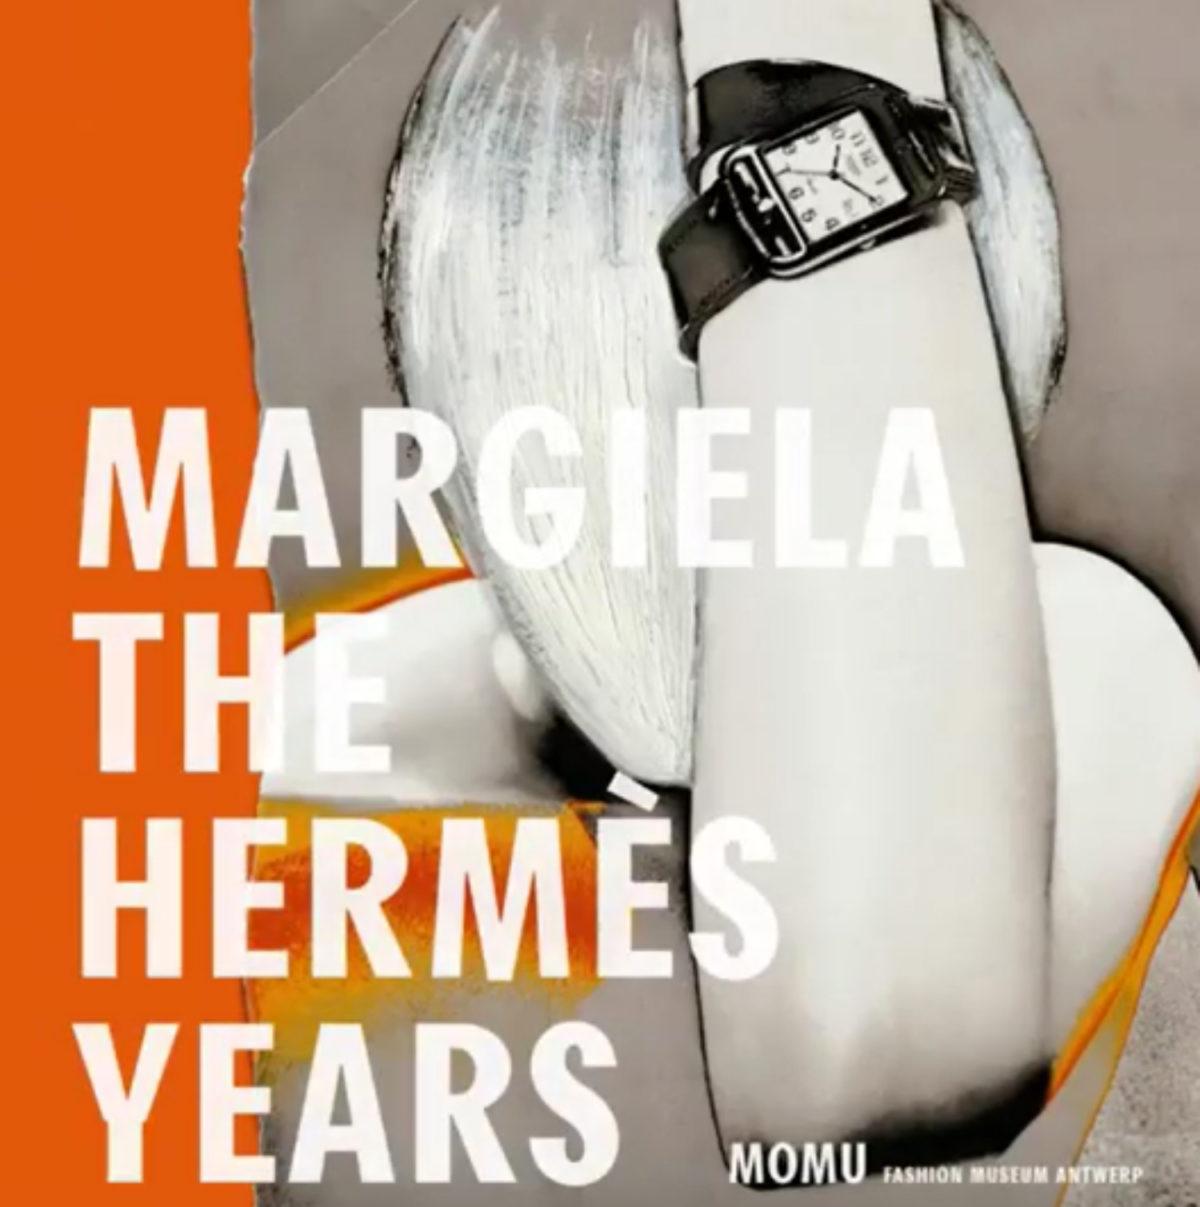 """""""MARGIELA, THE HERMÈS YEARS"""" GEHT DEM KONZEPTUELLEN ERBE MARTIN MARGIELAS AUF DEN GRUND"""